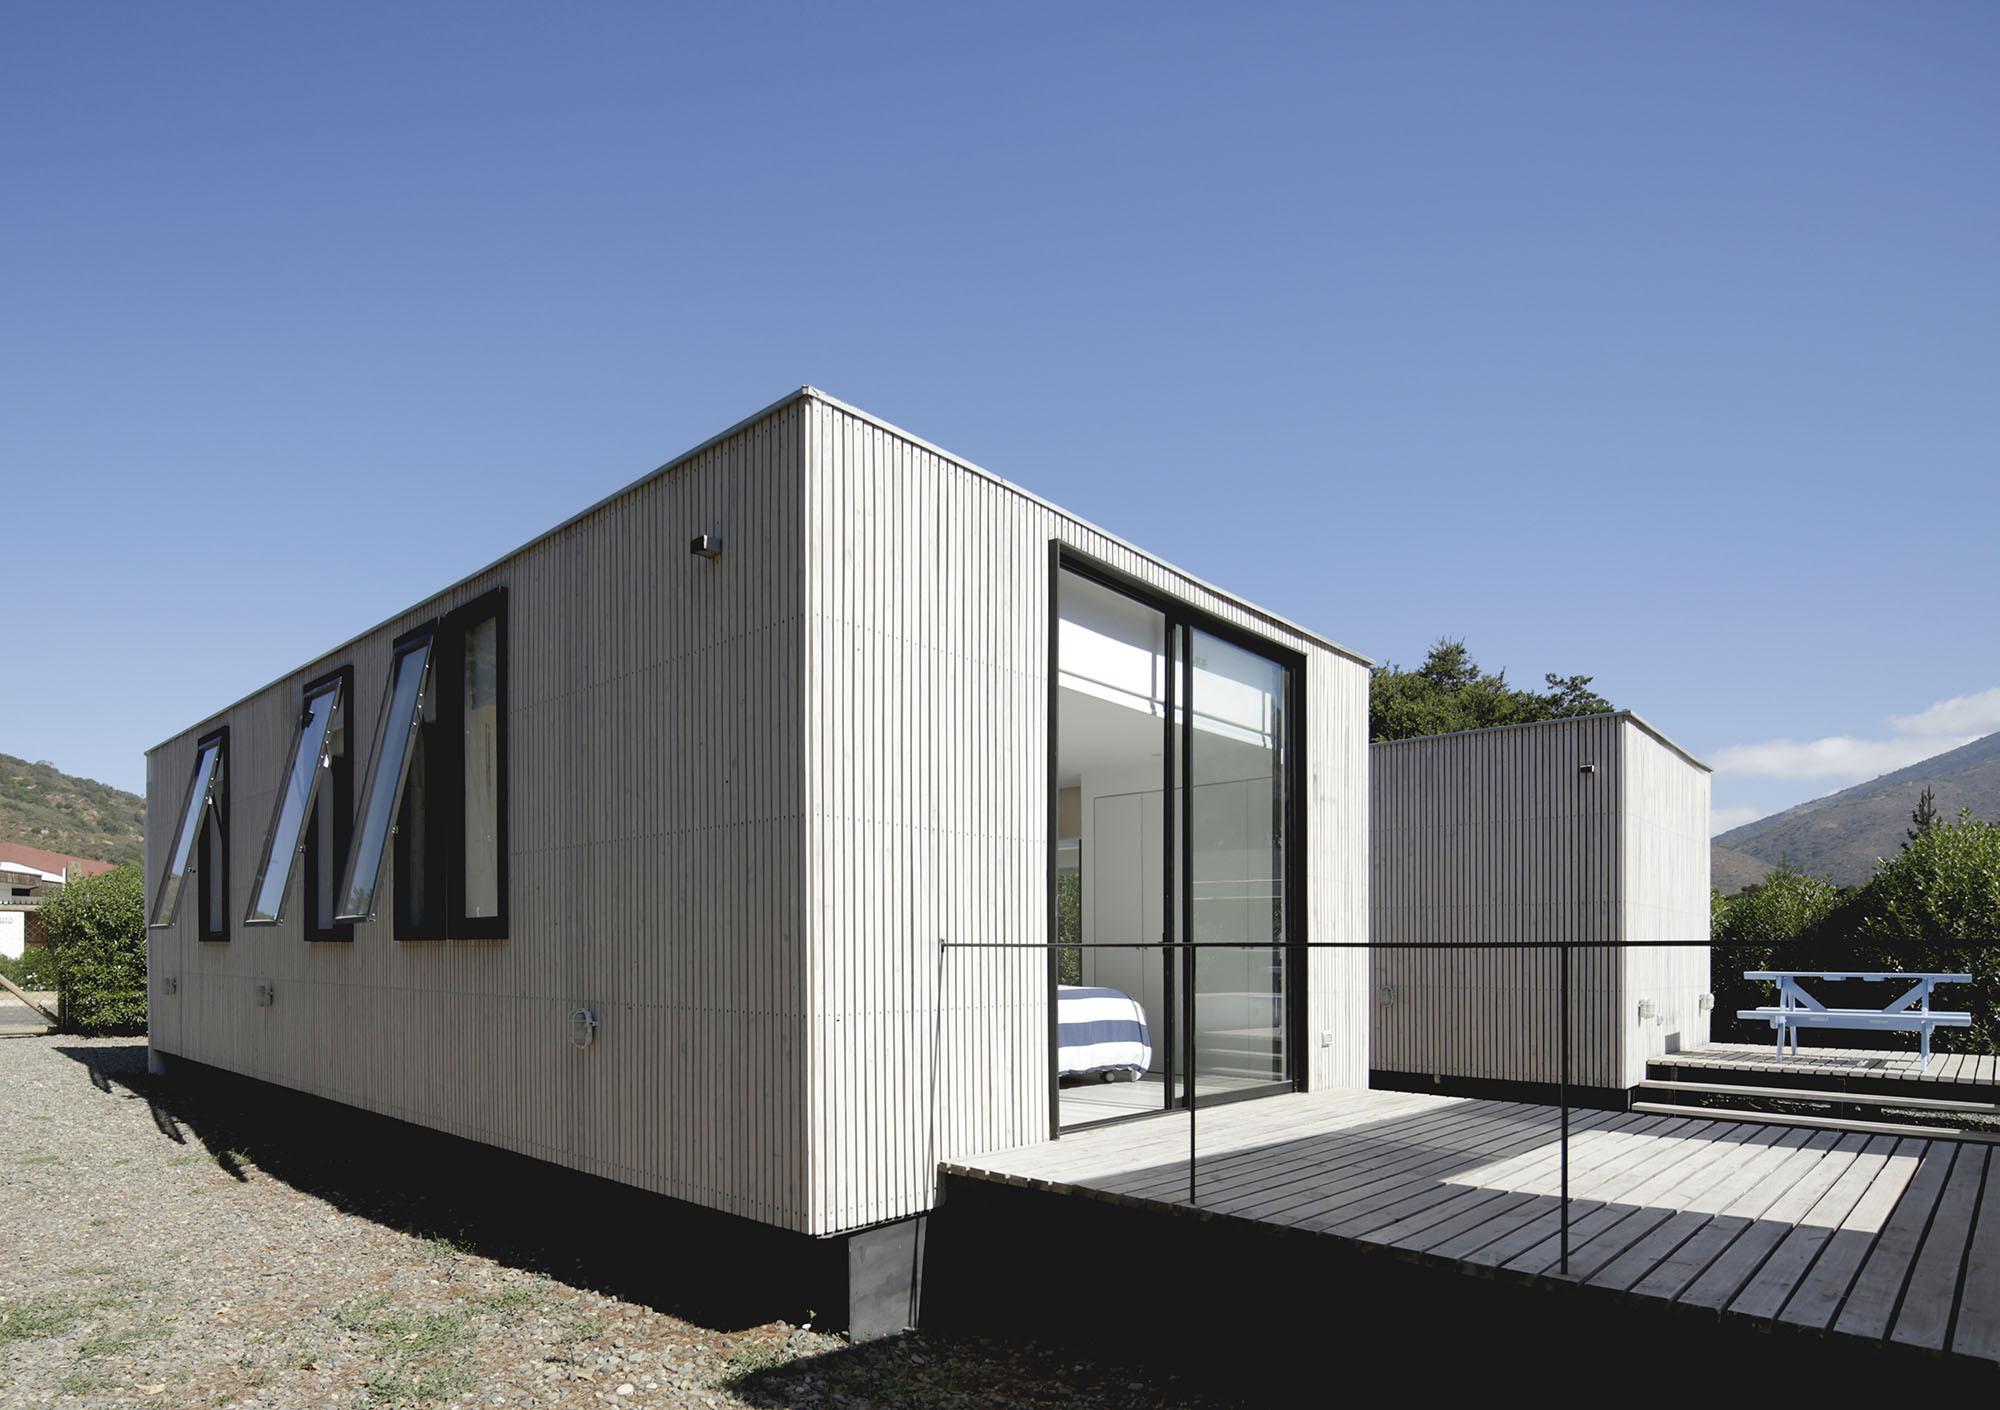 Gallery of casa s ruizsolar arquitectos 2 for Casa moderna 6 mirote y blancana